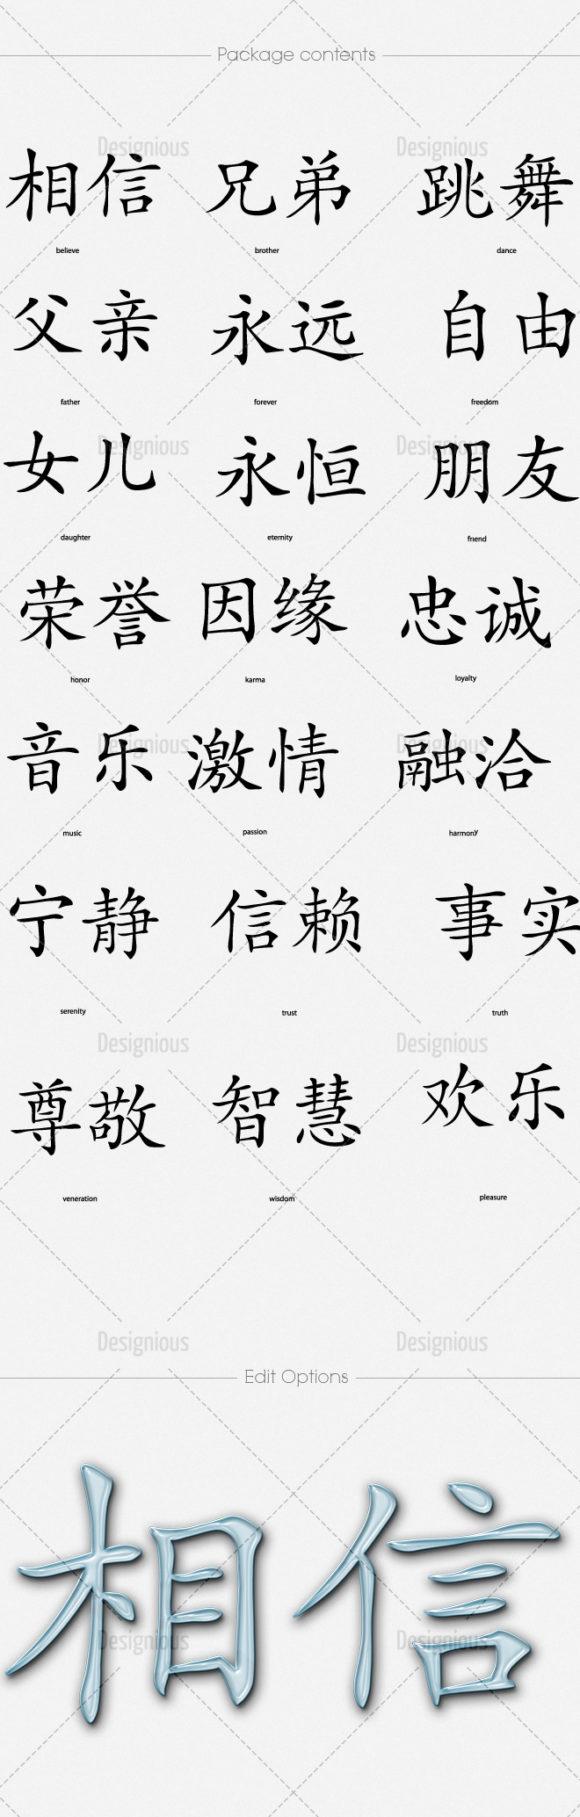 Chinese Glyphs Vector Pack 1 Oriental Art vector cutter plotter ready